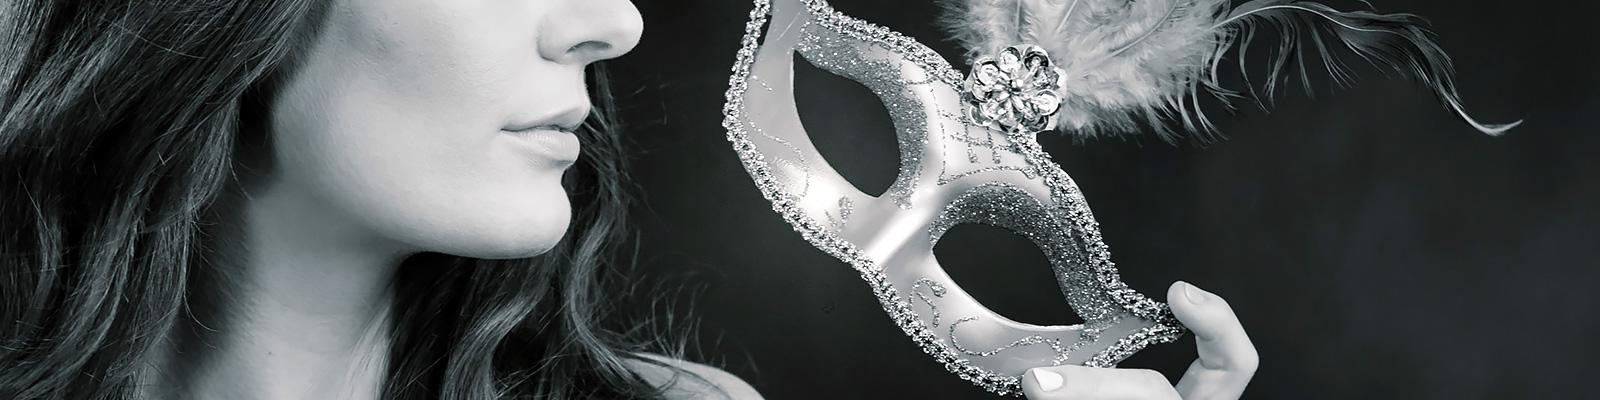 マスク 感情 イメージ